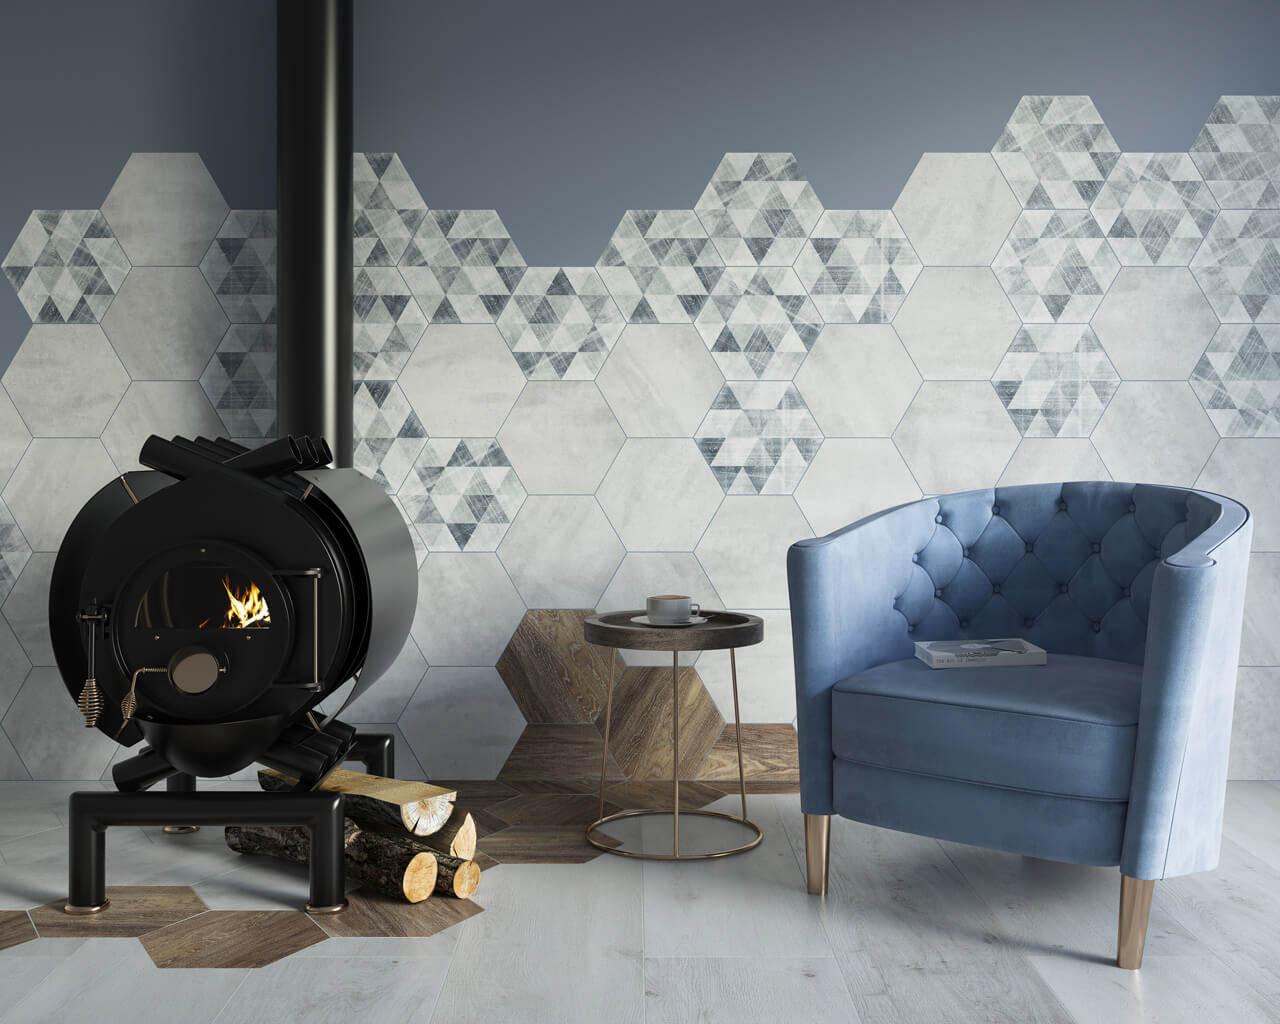 Modne szarości, brąz i geometria w nowoczesnym salonie